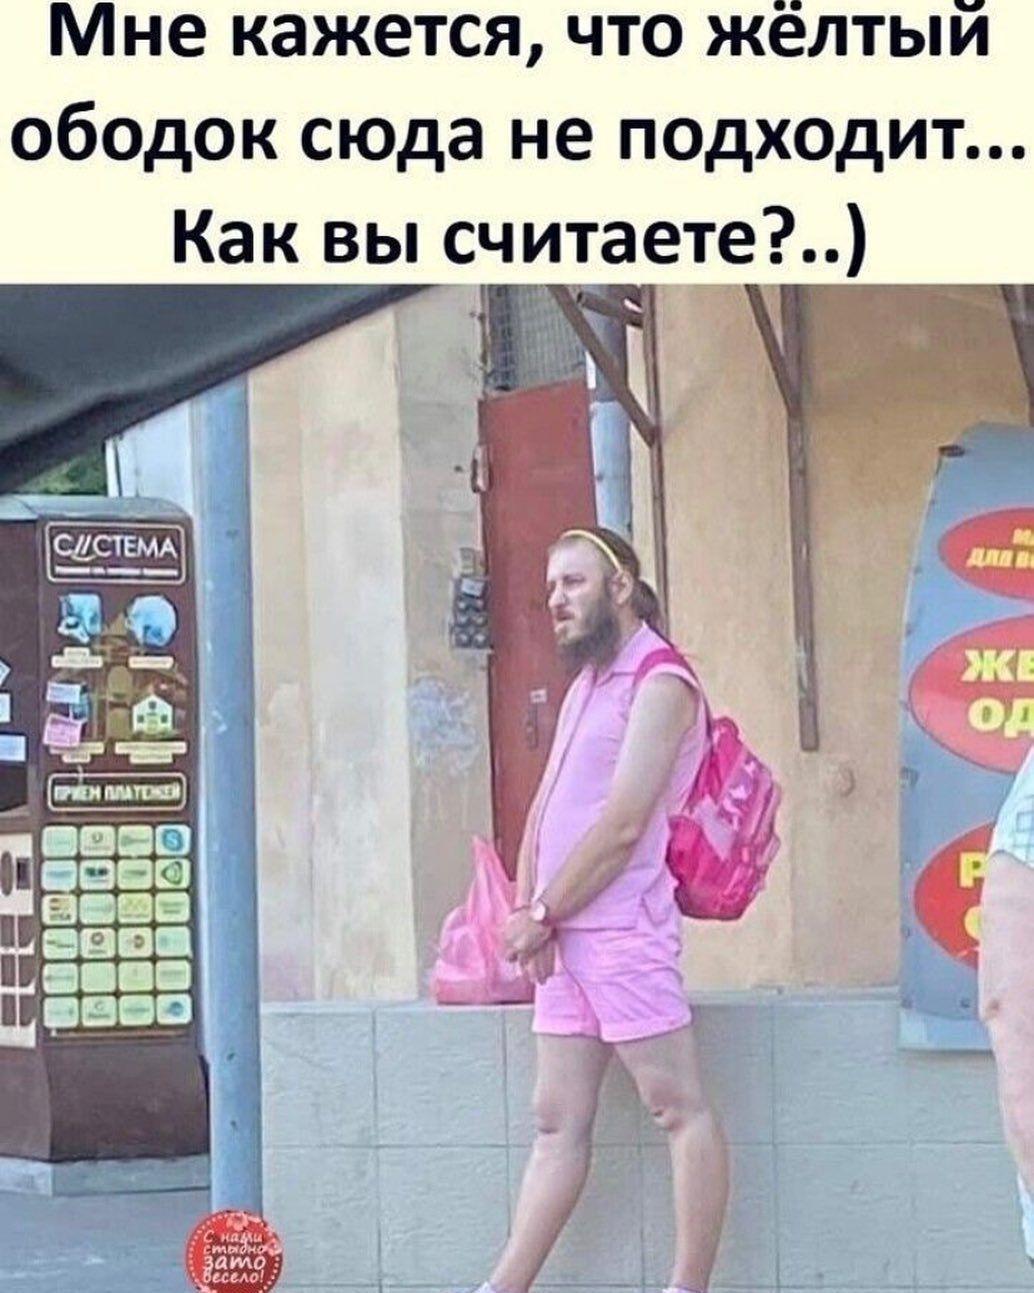 Свидетели Иеговы давно бы покорили Россию, если бы начинали свой разговор словами... Весёлые,прикольные и забавные фотки и картинки,А так же анекдоты и приятное общение